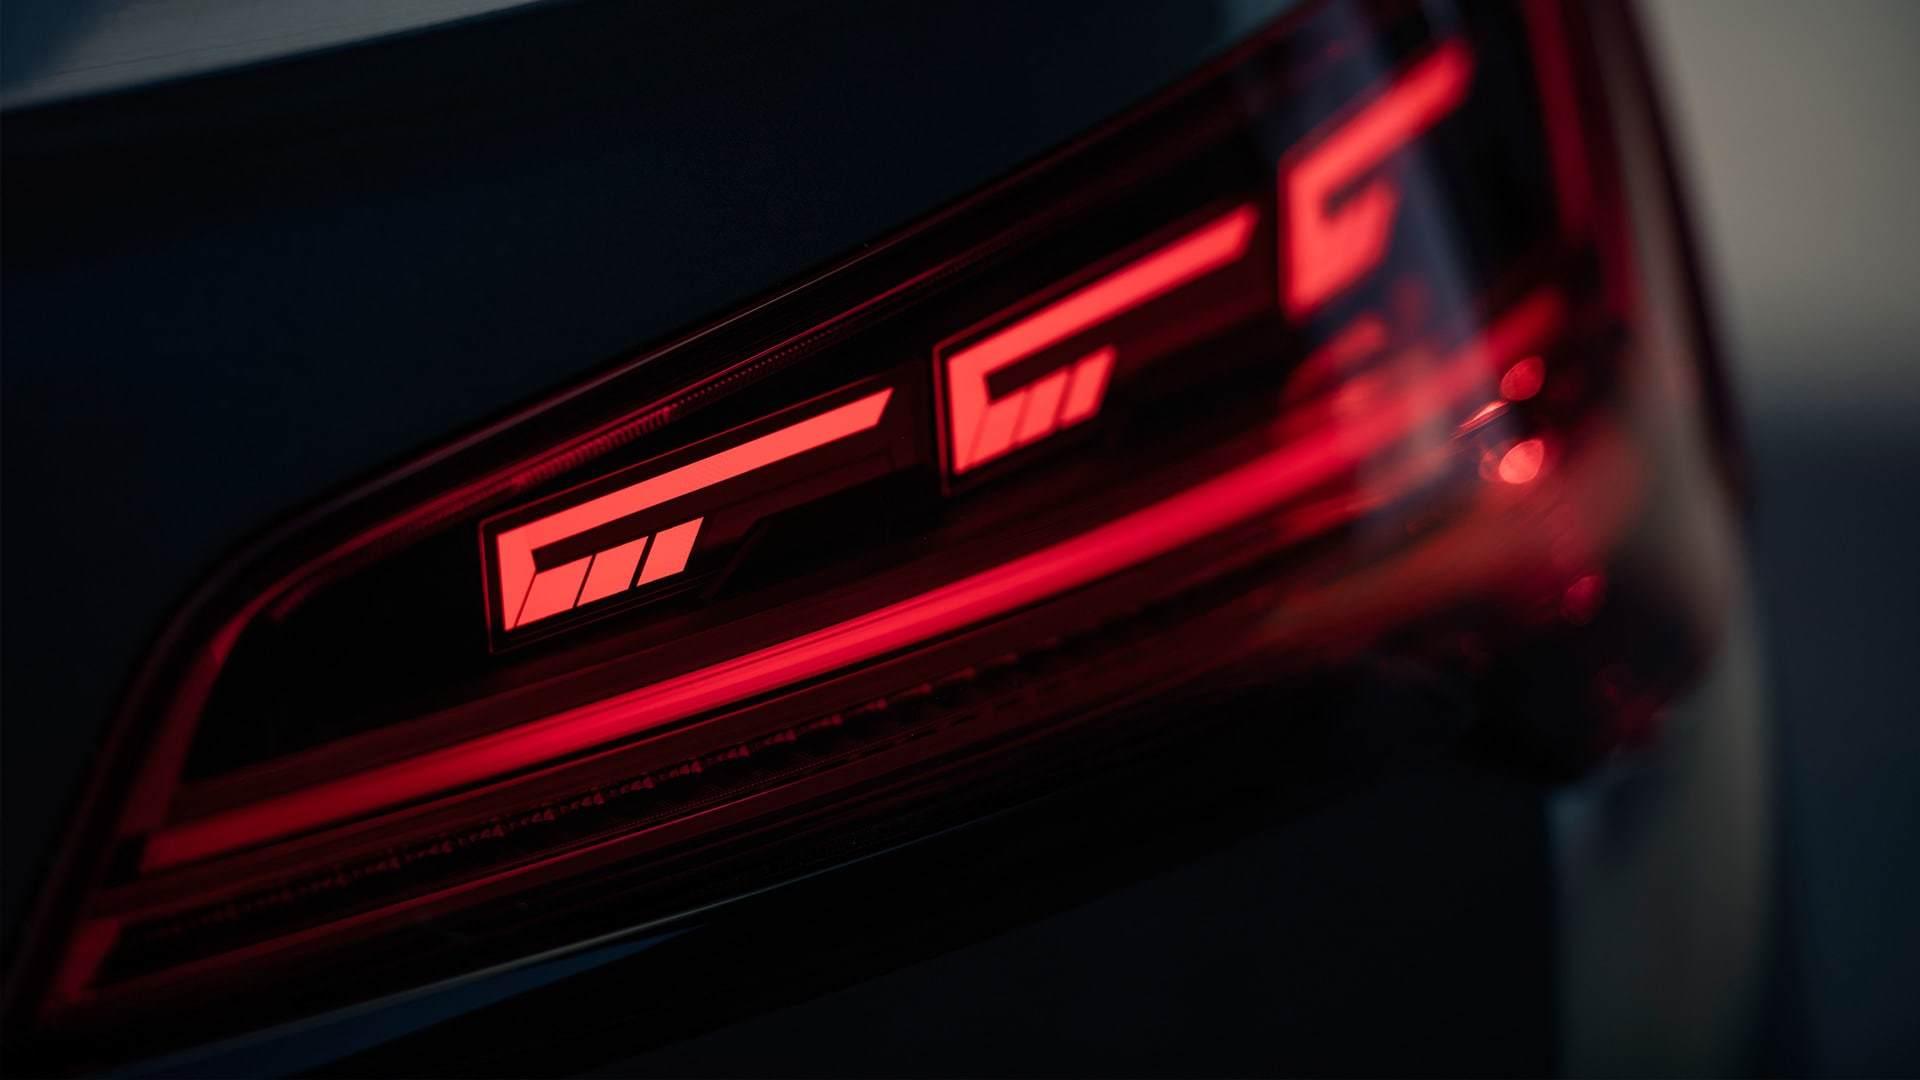 价格上涨、标配增多,新款奥迪Q5L哪款更值?